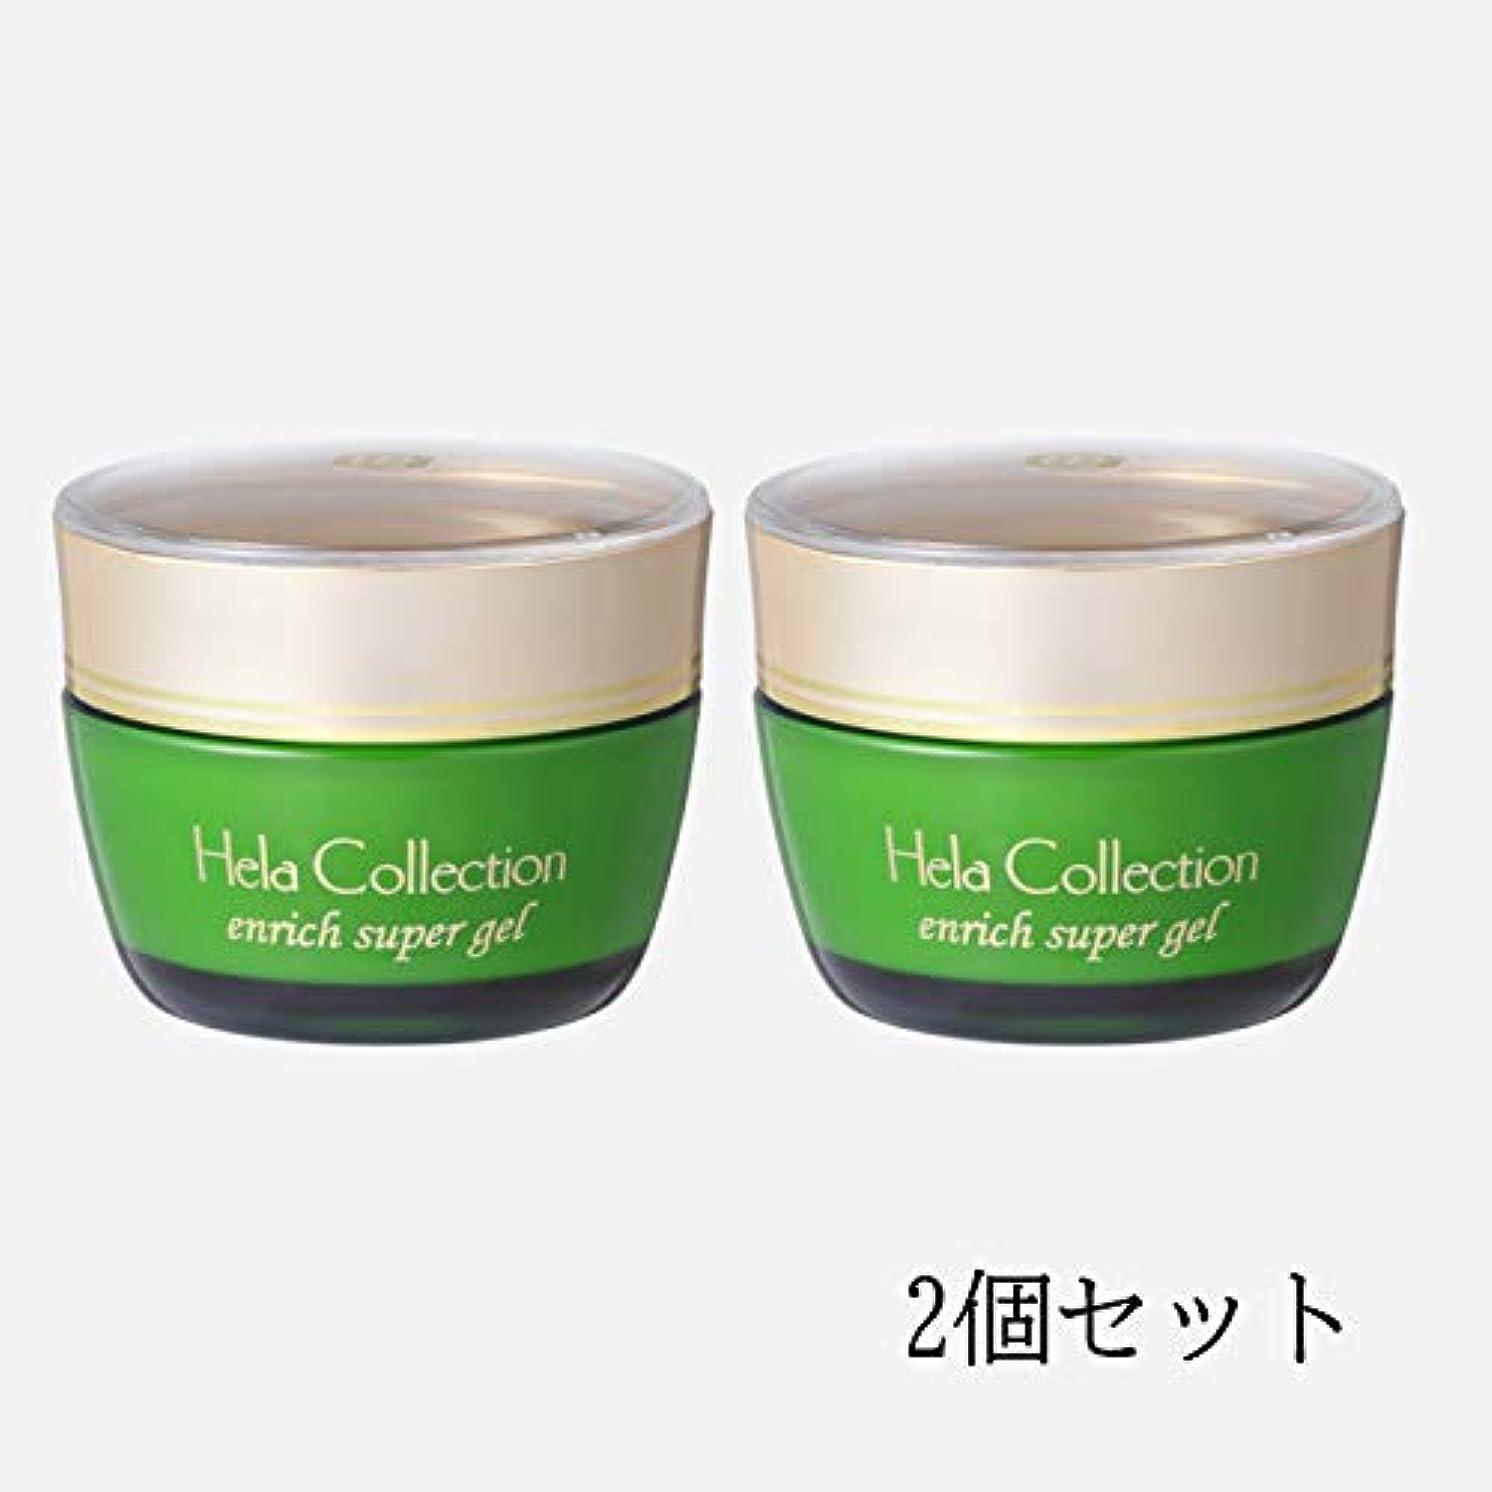 フェードアウト解釈櫛【大高酵素】エンリッチスーパージェル ジェル状美容液 2個セット